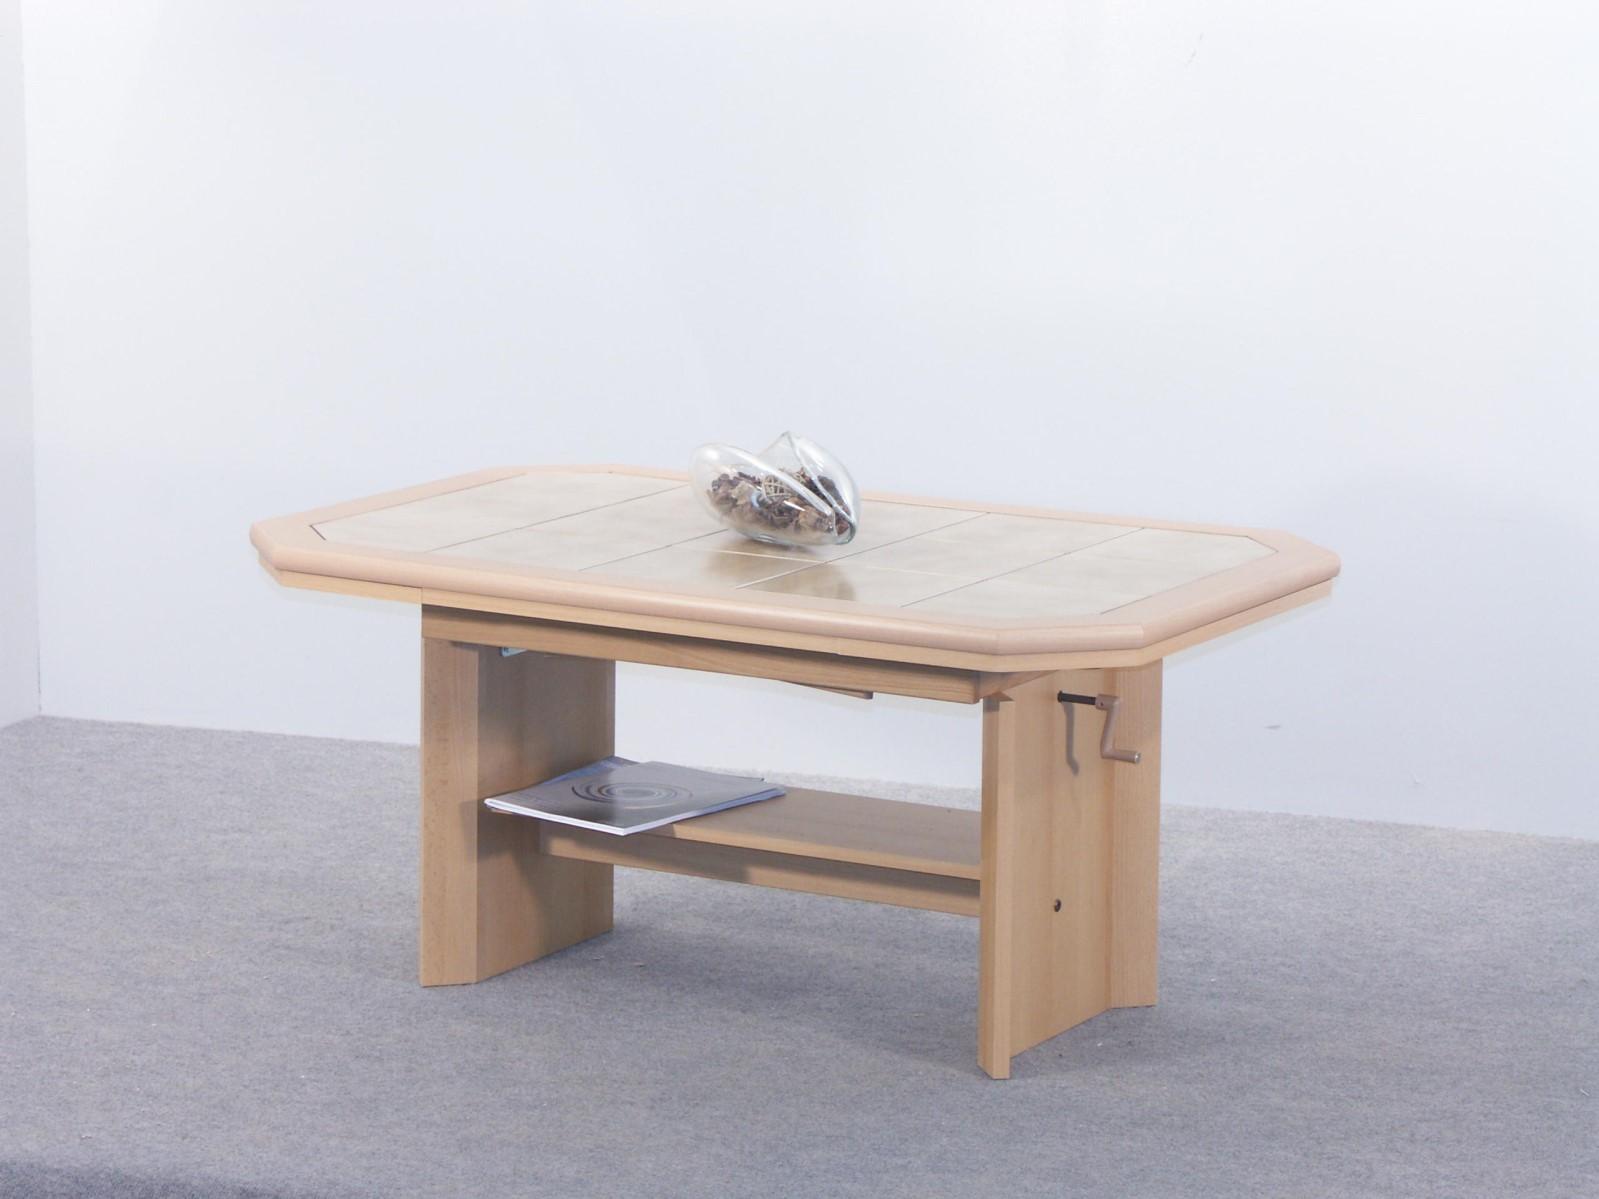 Couchtisch wohnzimmertisch andrea 60x60 cm sonoma eiche ebay for Couchtisch 60x60 eiche